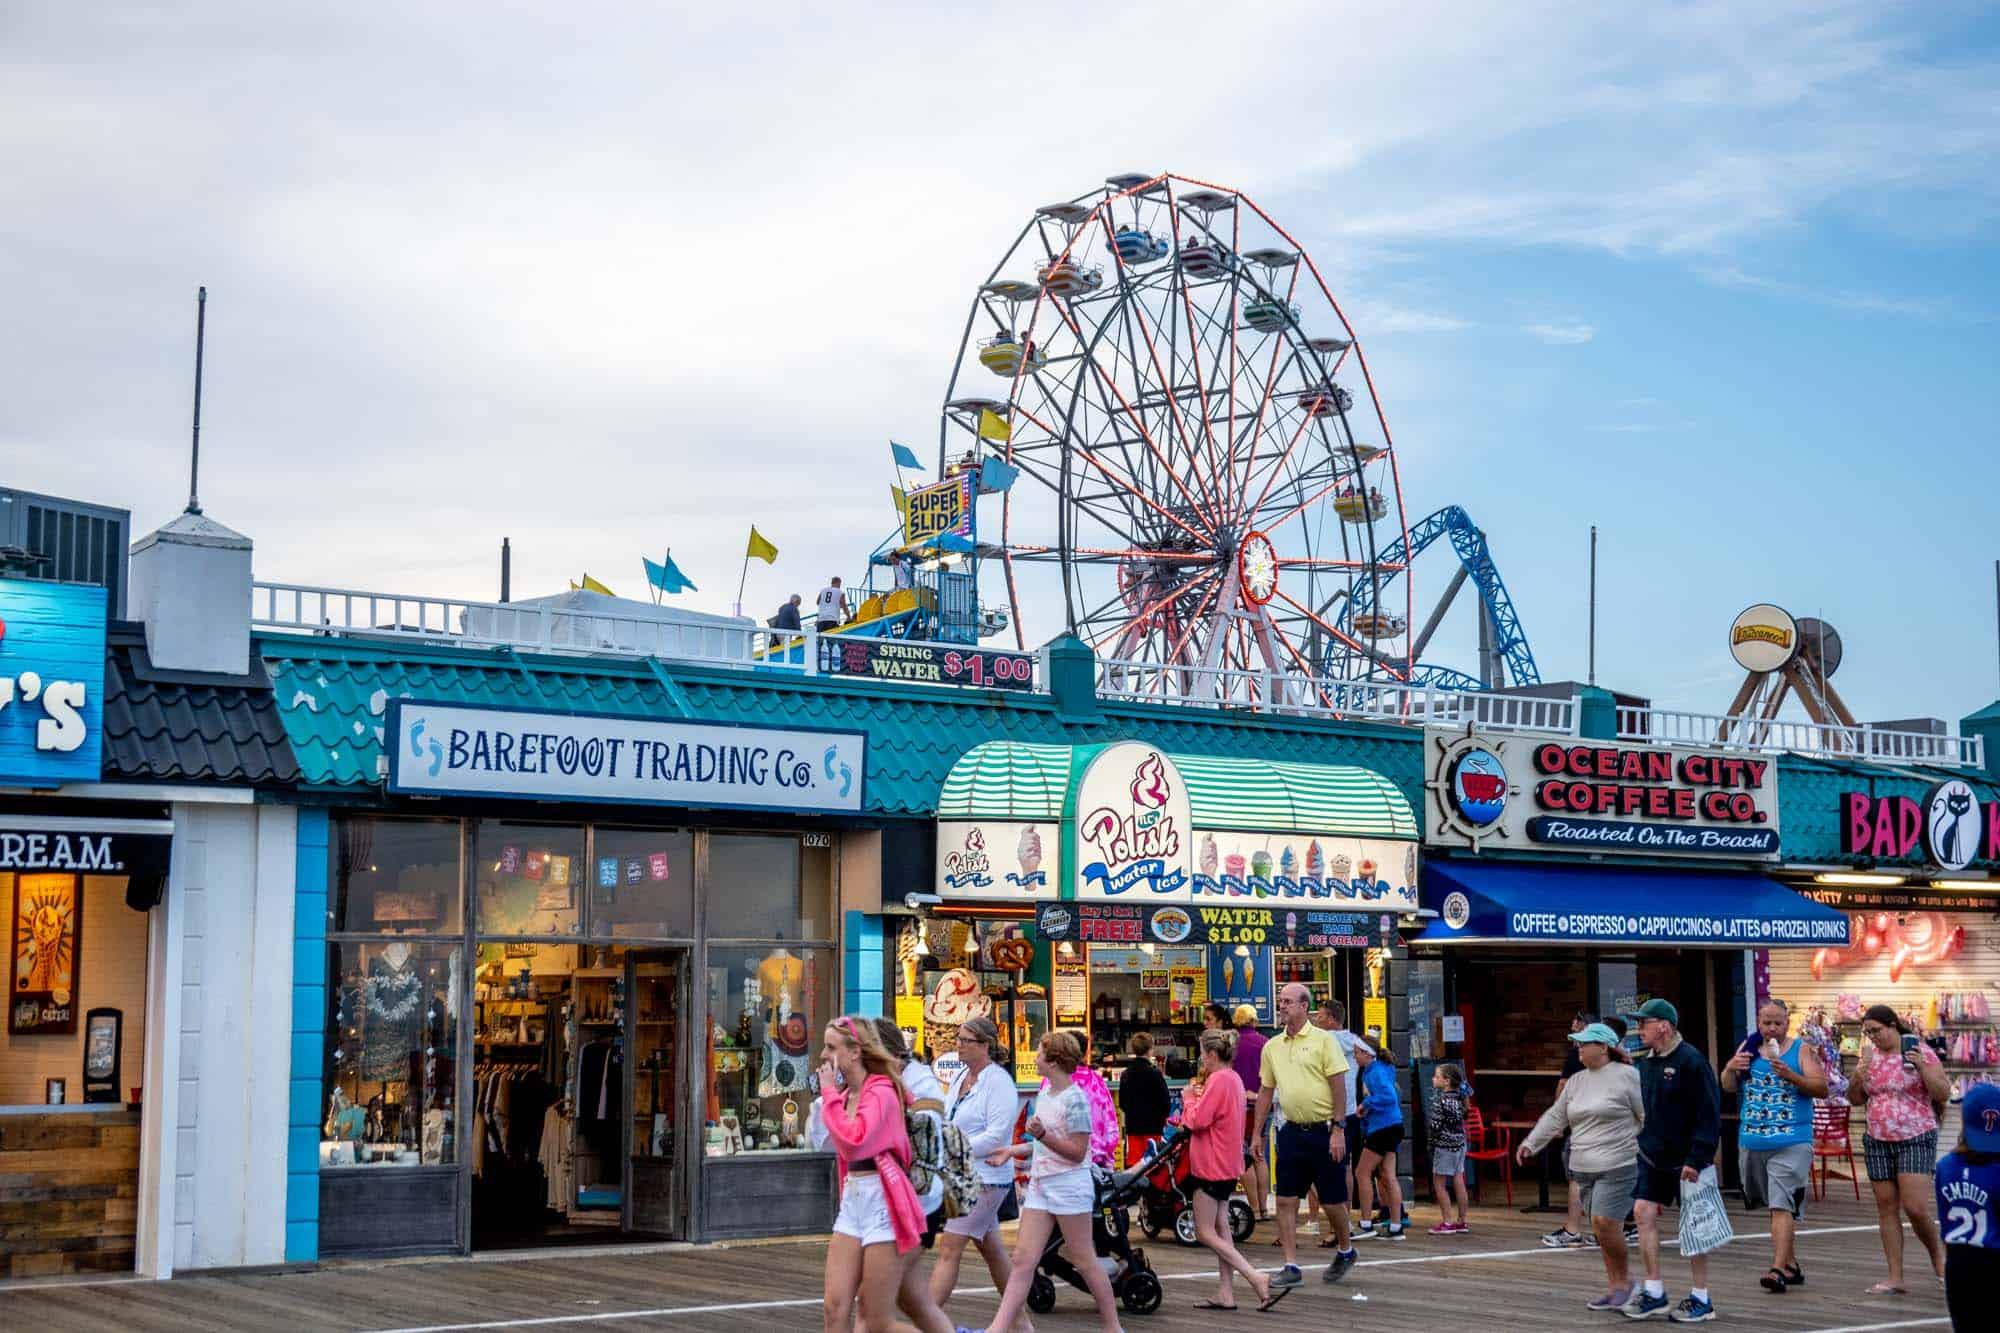 Ferris wheel above businesses on the boardwalk in Ocean City NJ